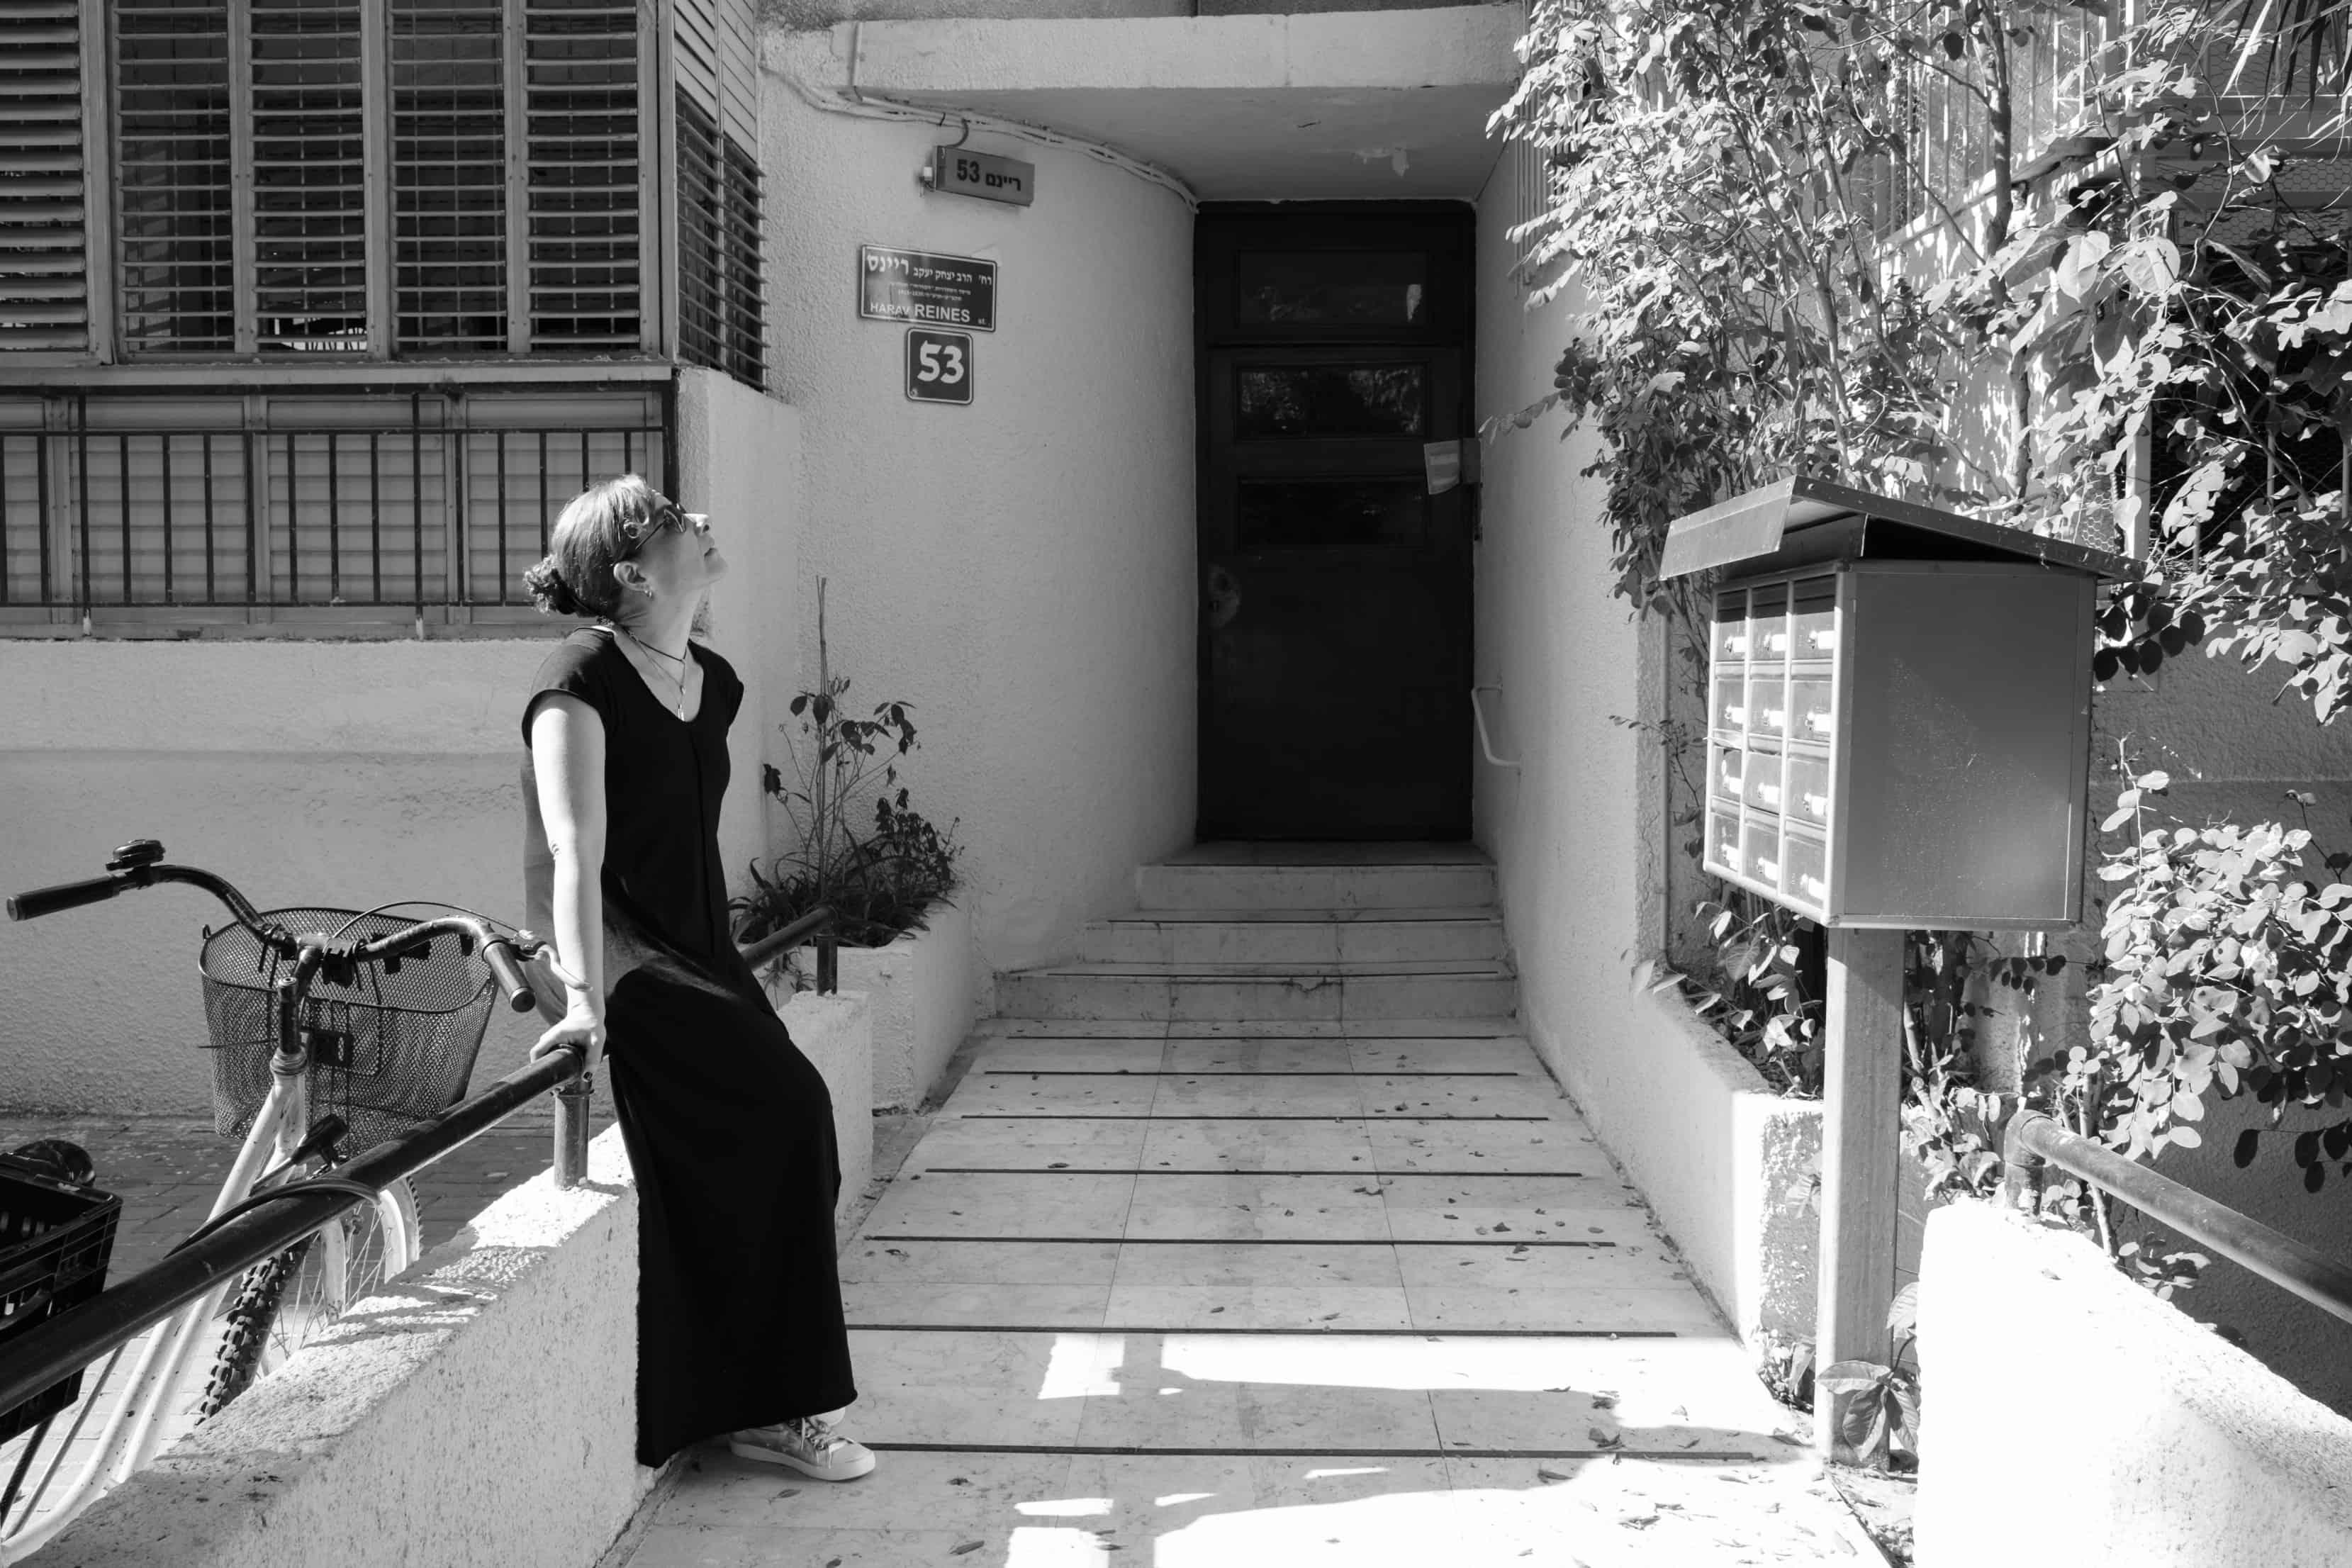 דיזנגוף סנטר פוסט על תקופה, אייטיז בתל אביב בבלוג tamariandme של תמרי סלונים ליבס. רחוב ריינס צילום: איתן ריקליס